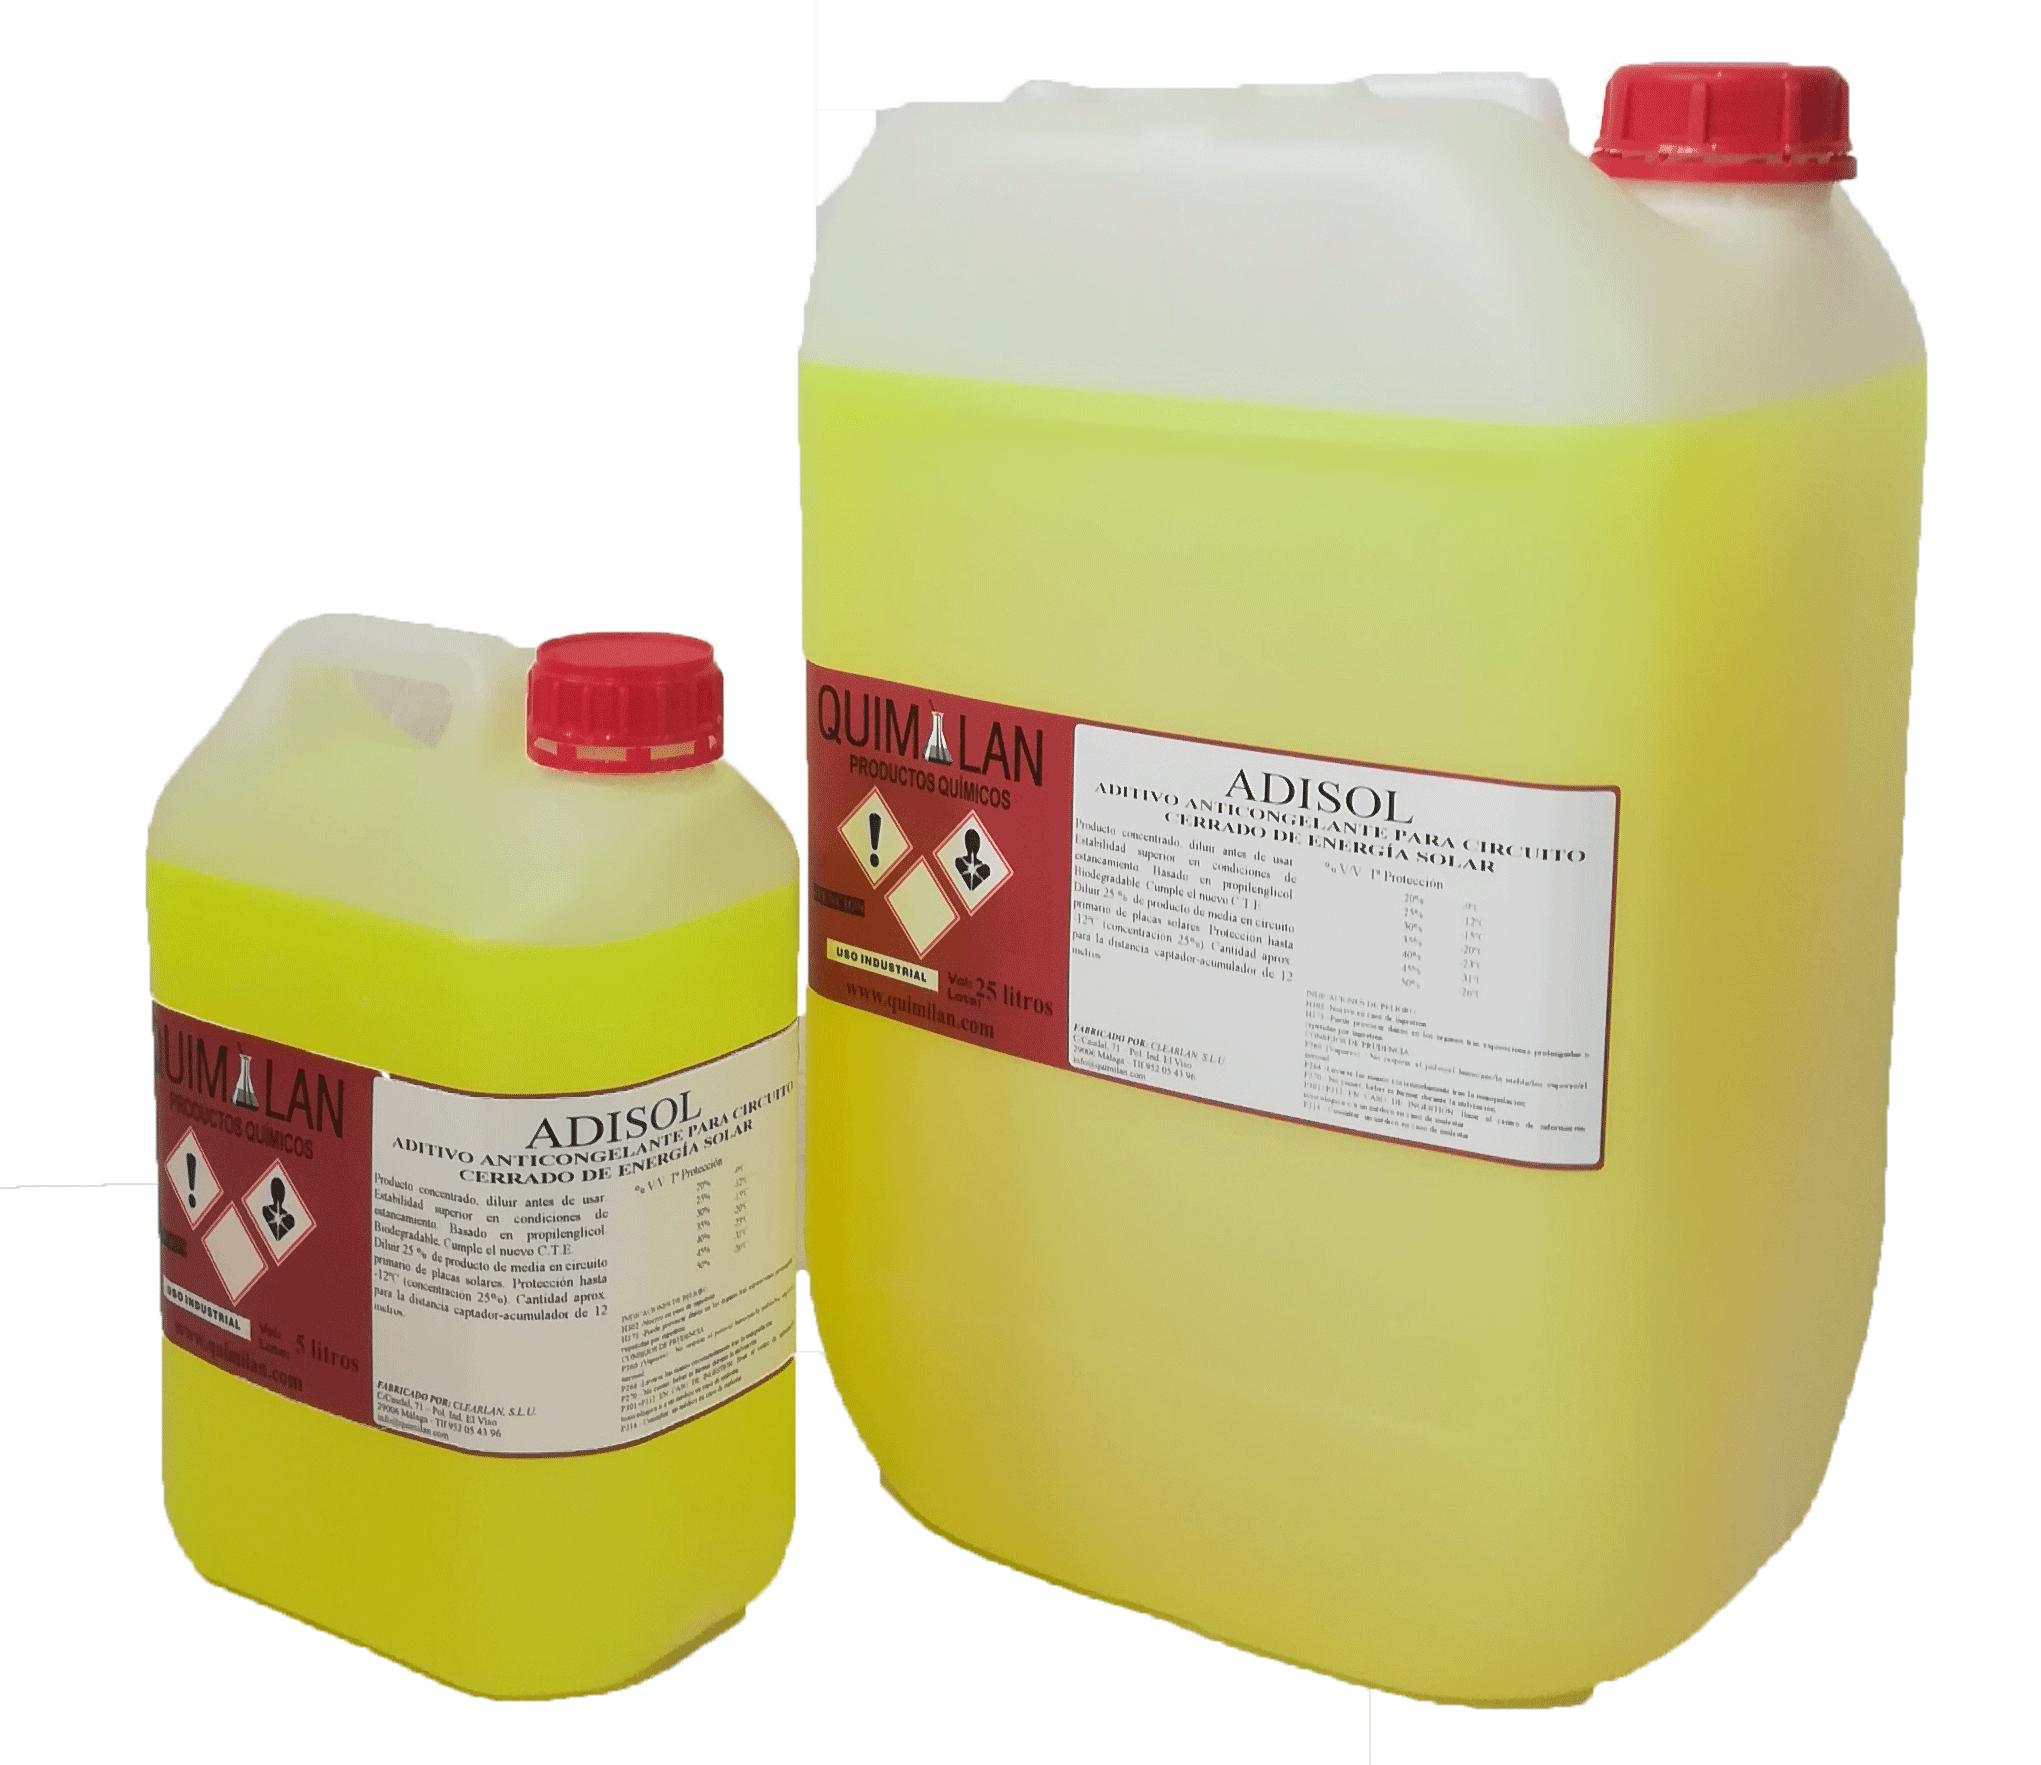 Limpieza Productos Quimicos Quimilan Adisol en Malaga